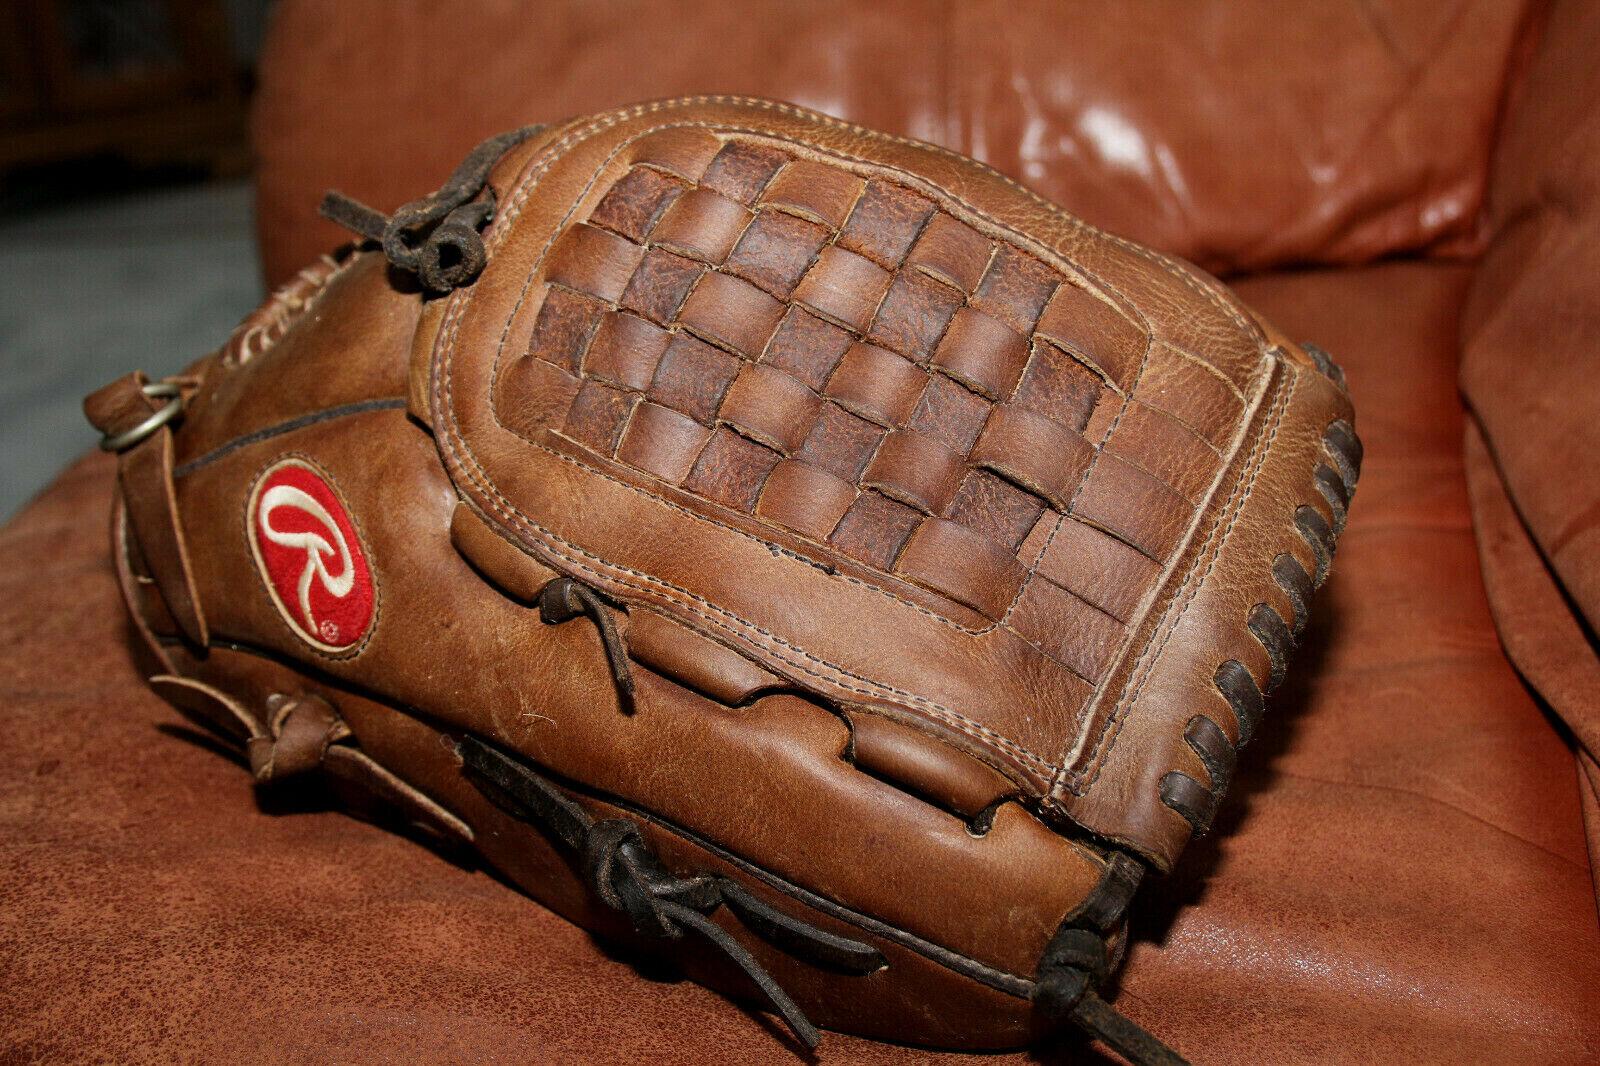 Rawlings 13  SL130P totalmente acondicionado cuero guante de Softball - 40 Años De Exp.